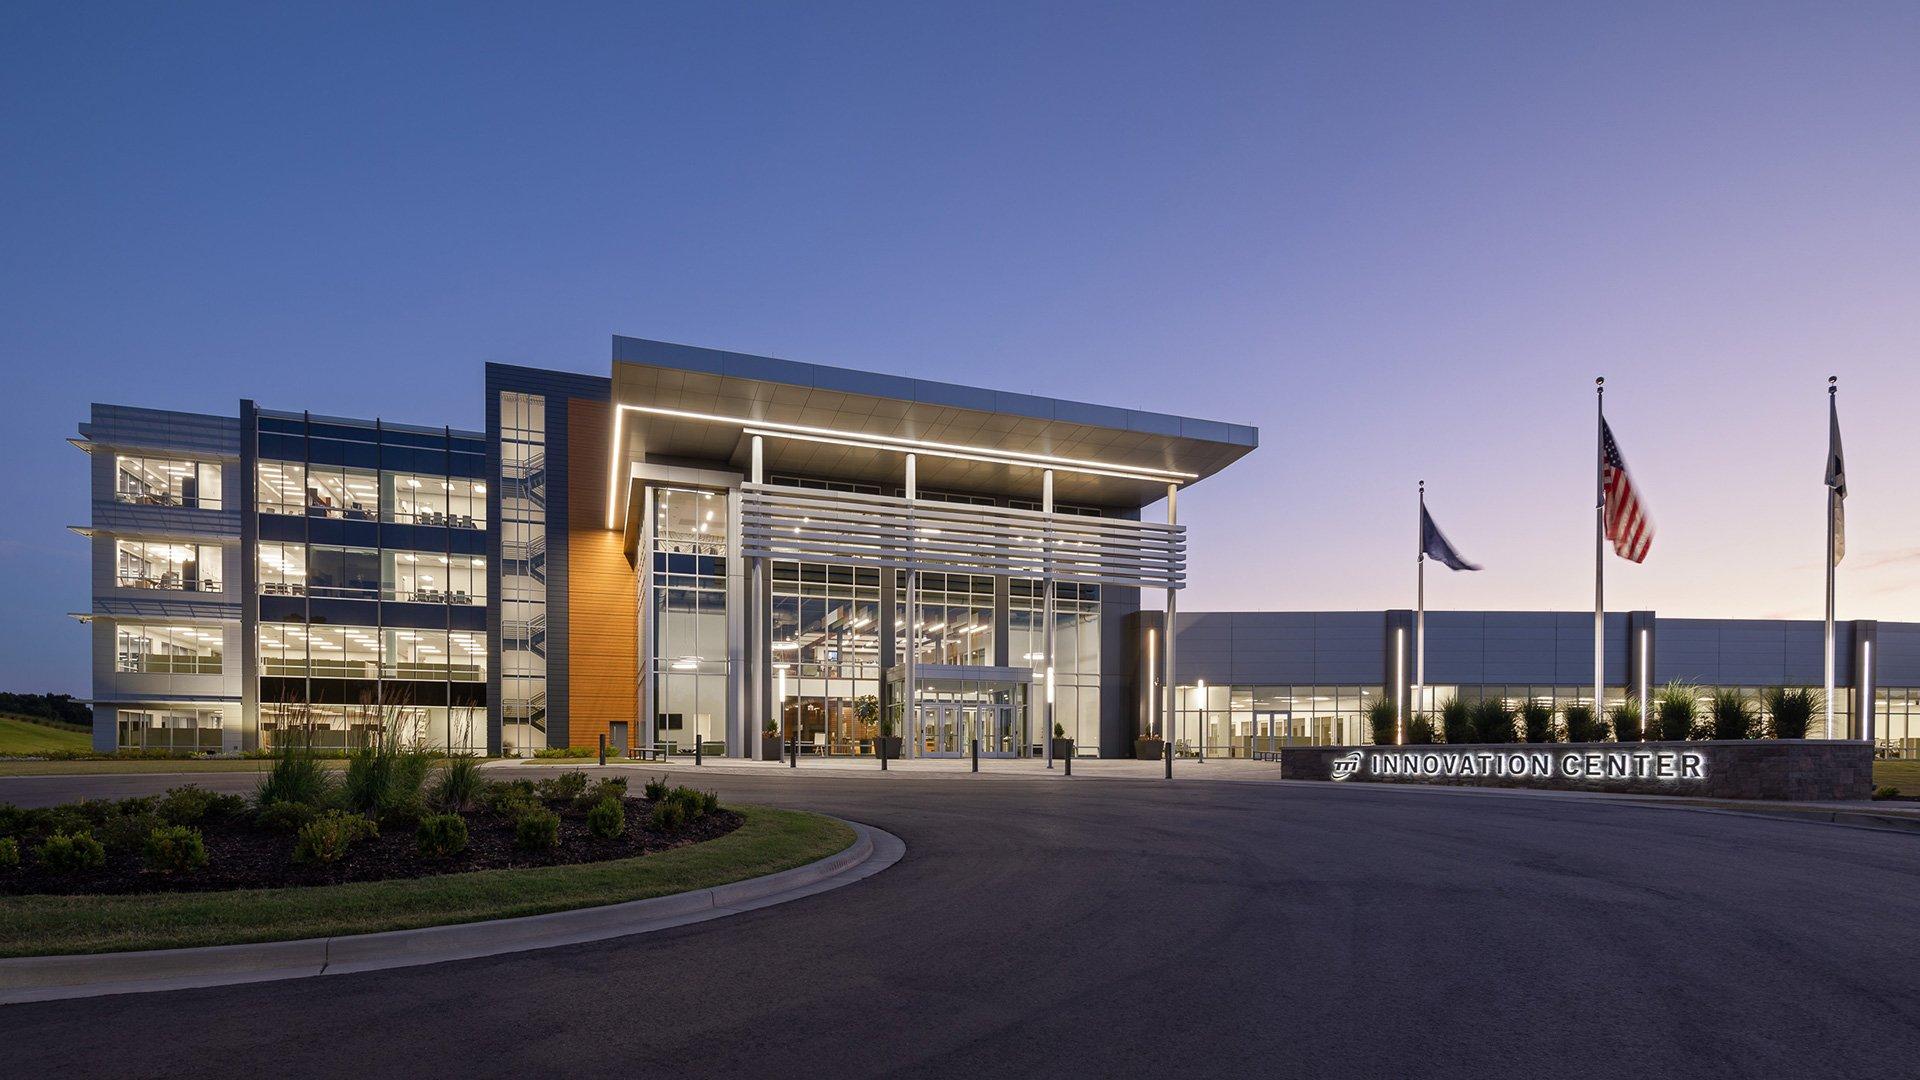 TTI Innovation Center, front exterior at night